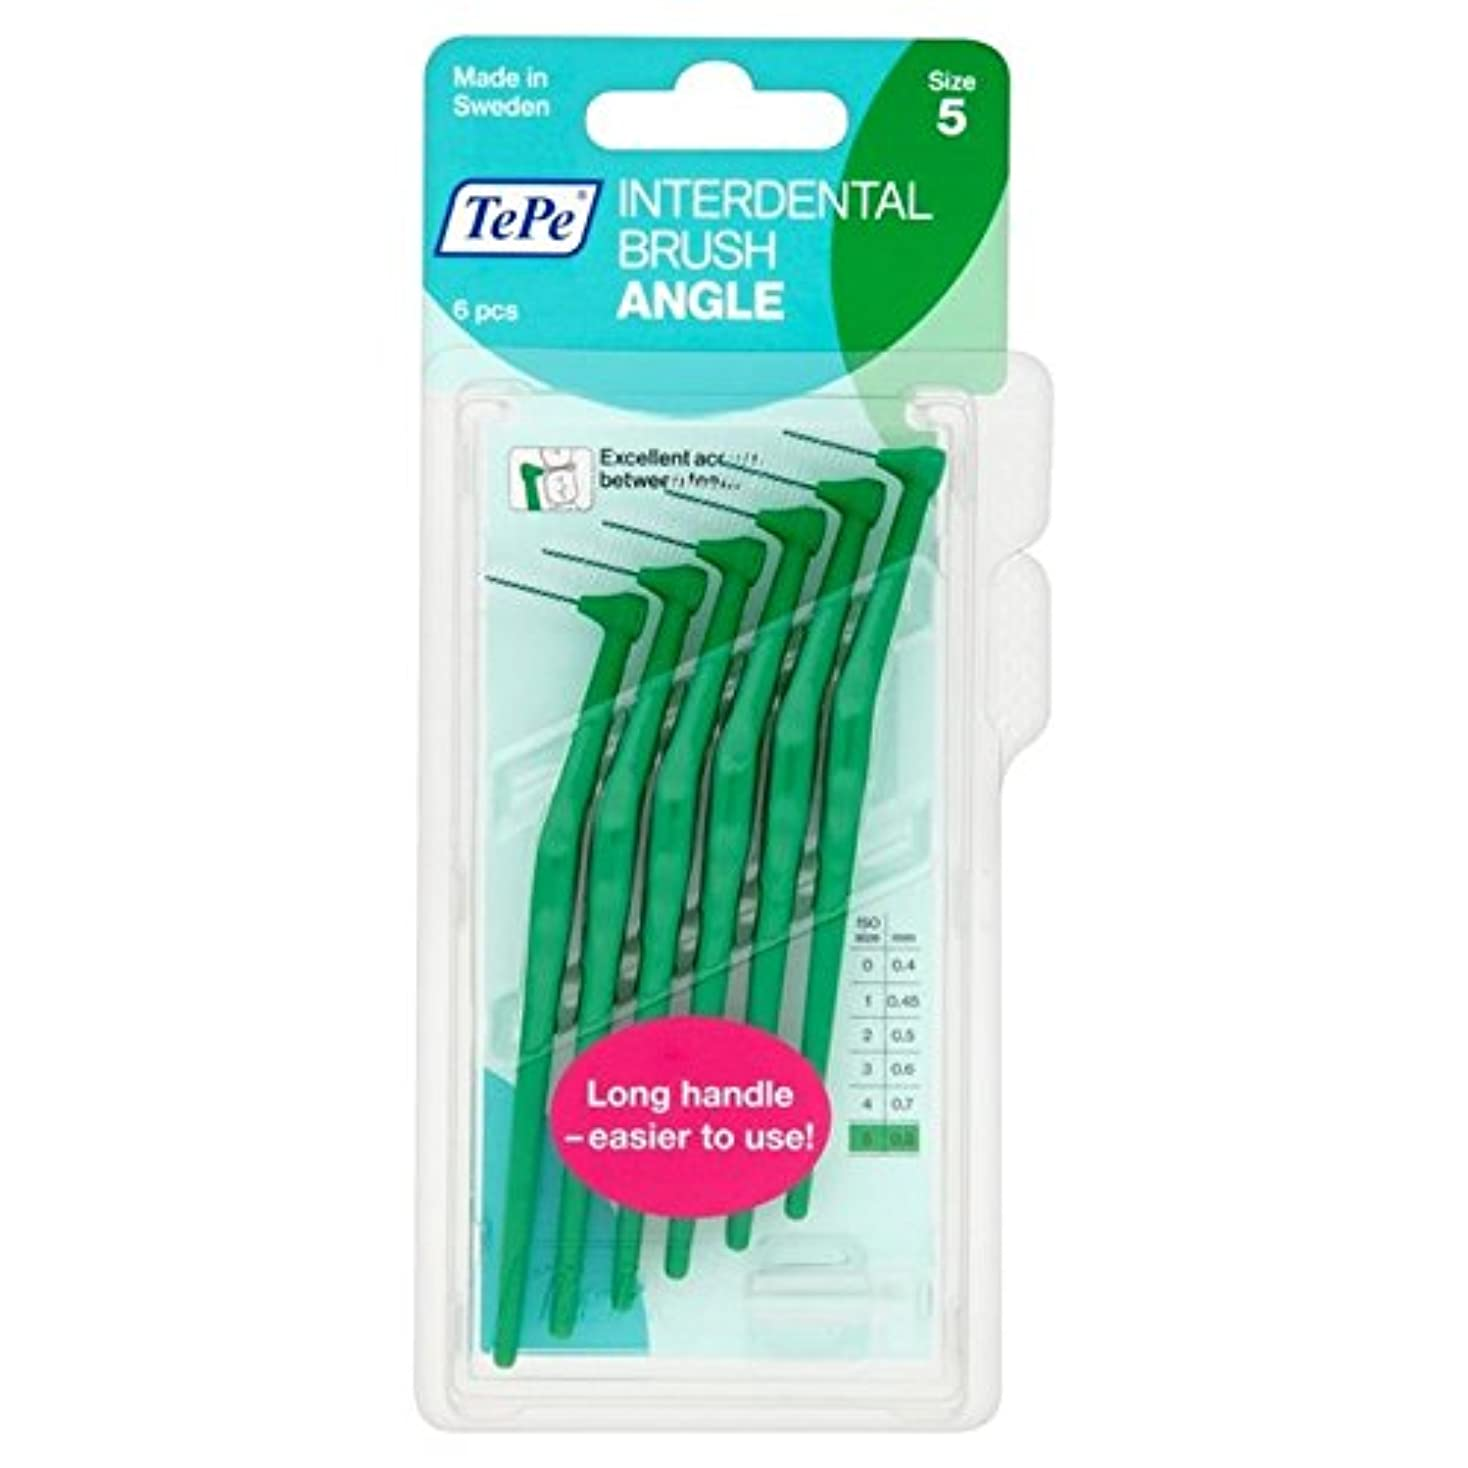 科学的溢れんばかりの夕暮れパックあたり6 0.8ミリメートル緑テペ角度 x2 - TePe Angle Green 0.8mm 6 per pack (Pack of 2) [並行輸入品]